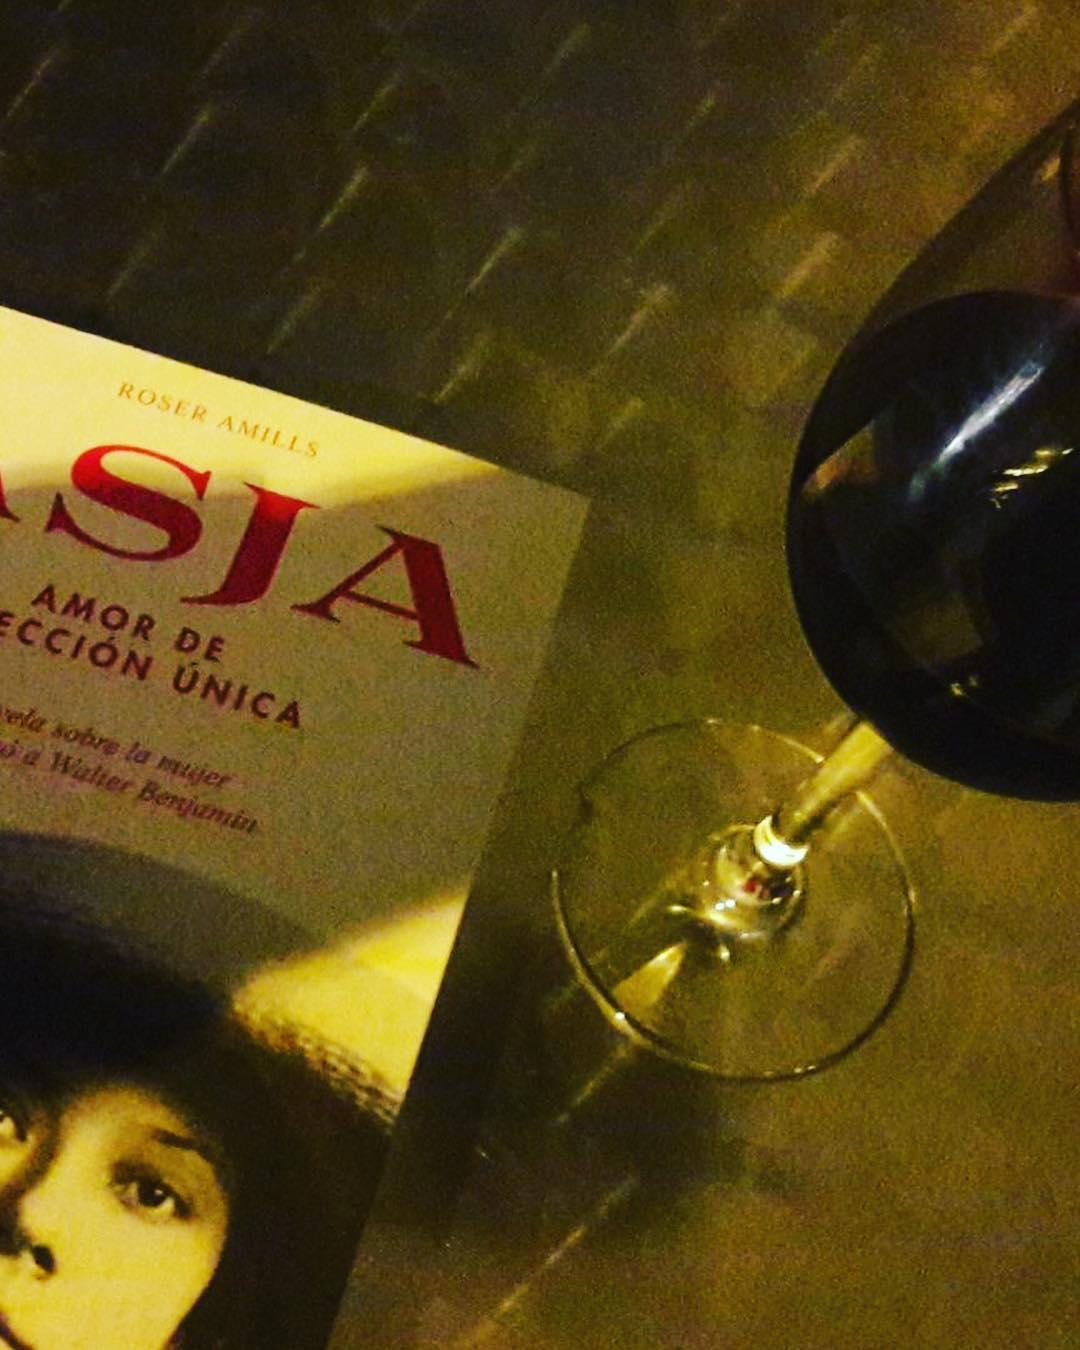 Lectura recomendada: la historia de amor de la revolucionaria comunista #asjalacis y el filósofo judío #walterbenjamin, el #nazismo, el teatro, la radio...